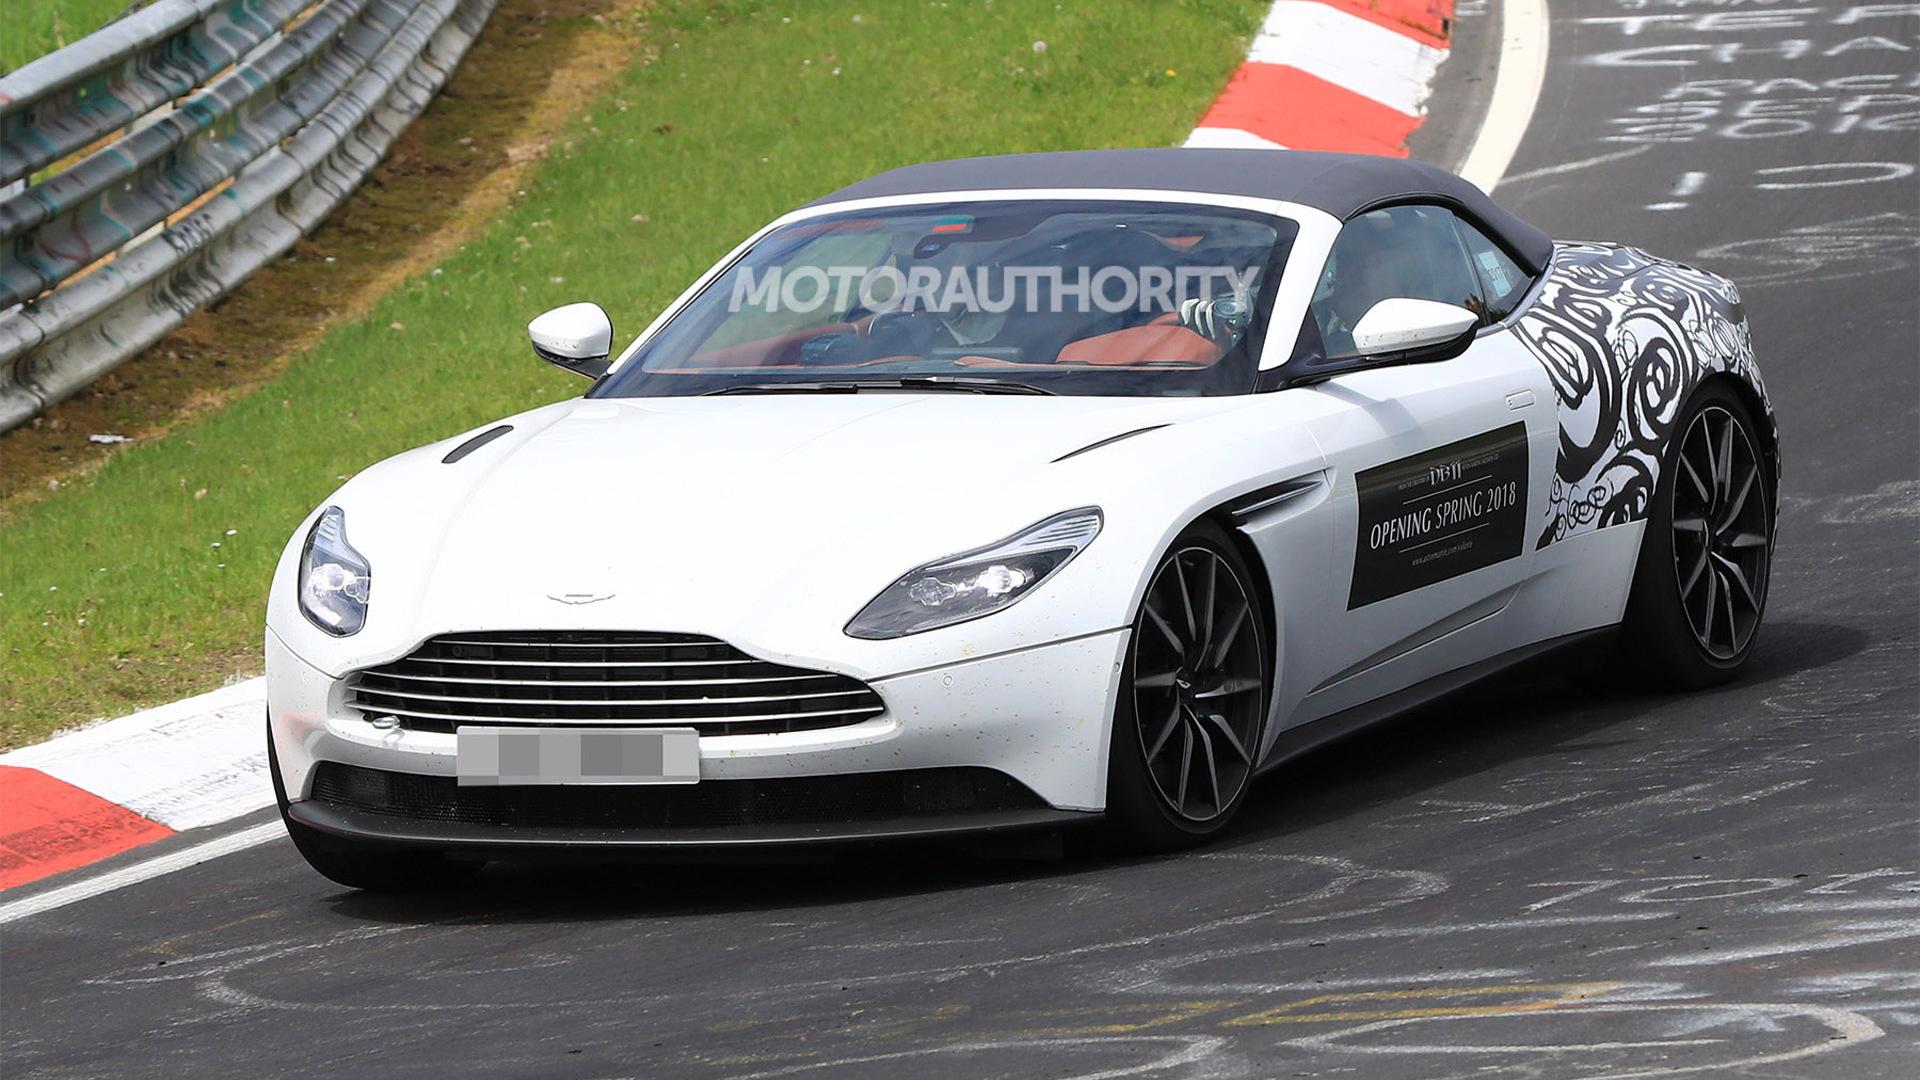 2018 Aston Martin DB11 Volante spy shots - Image via S. Baldauf/SB-Medien